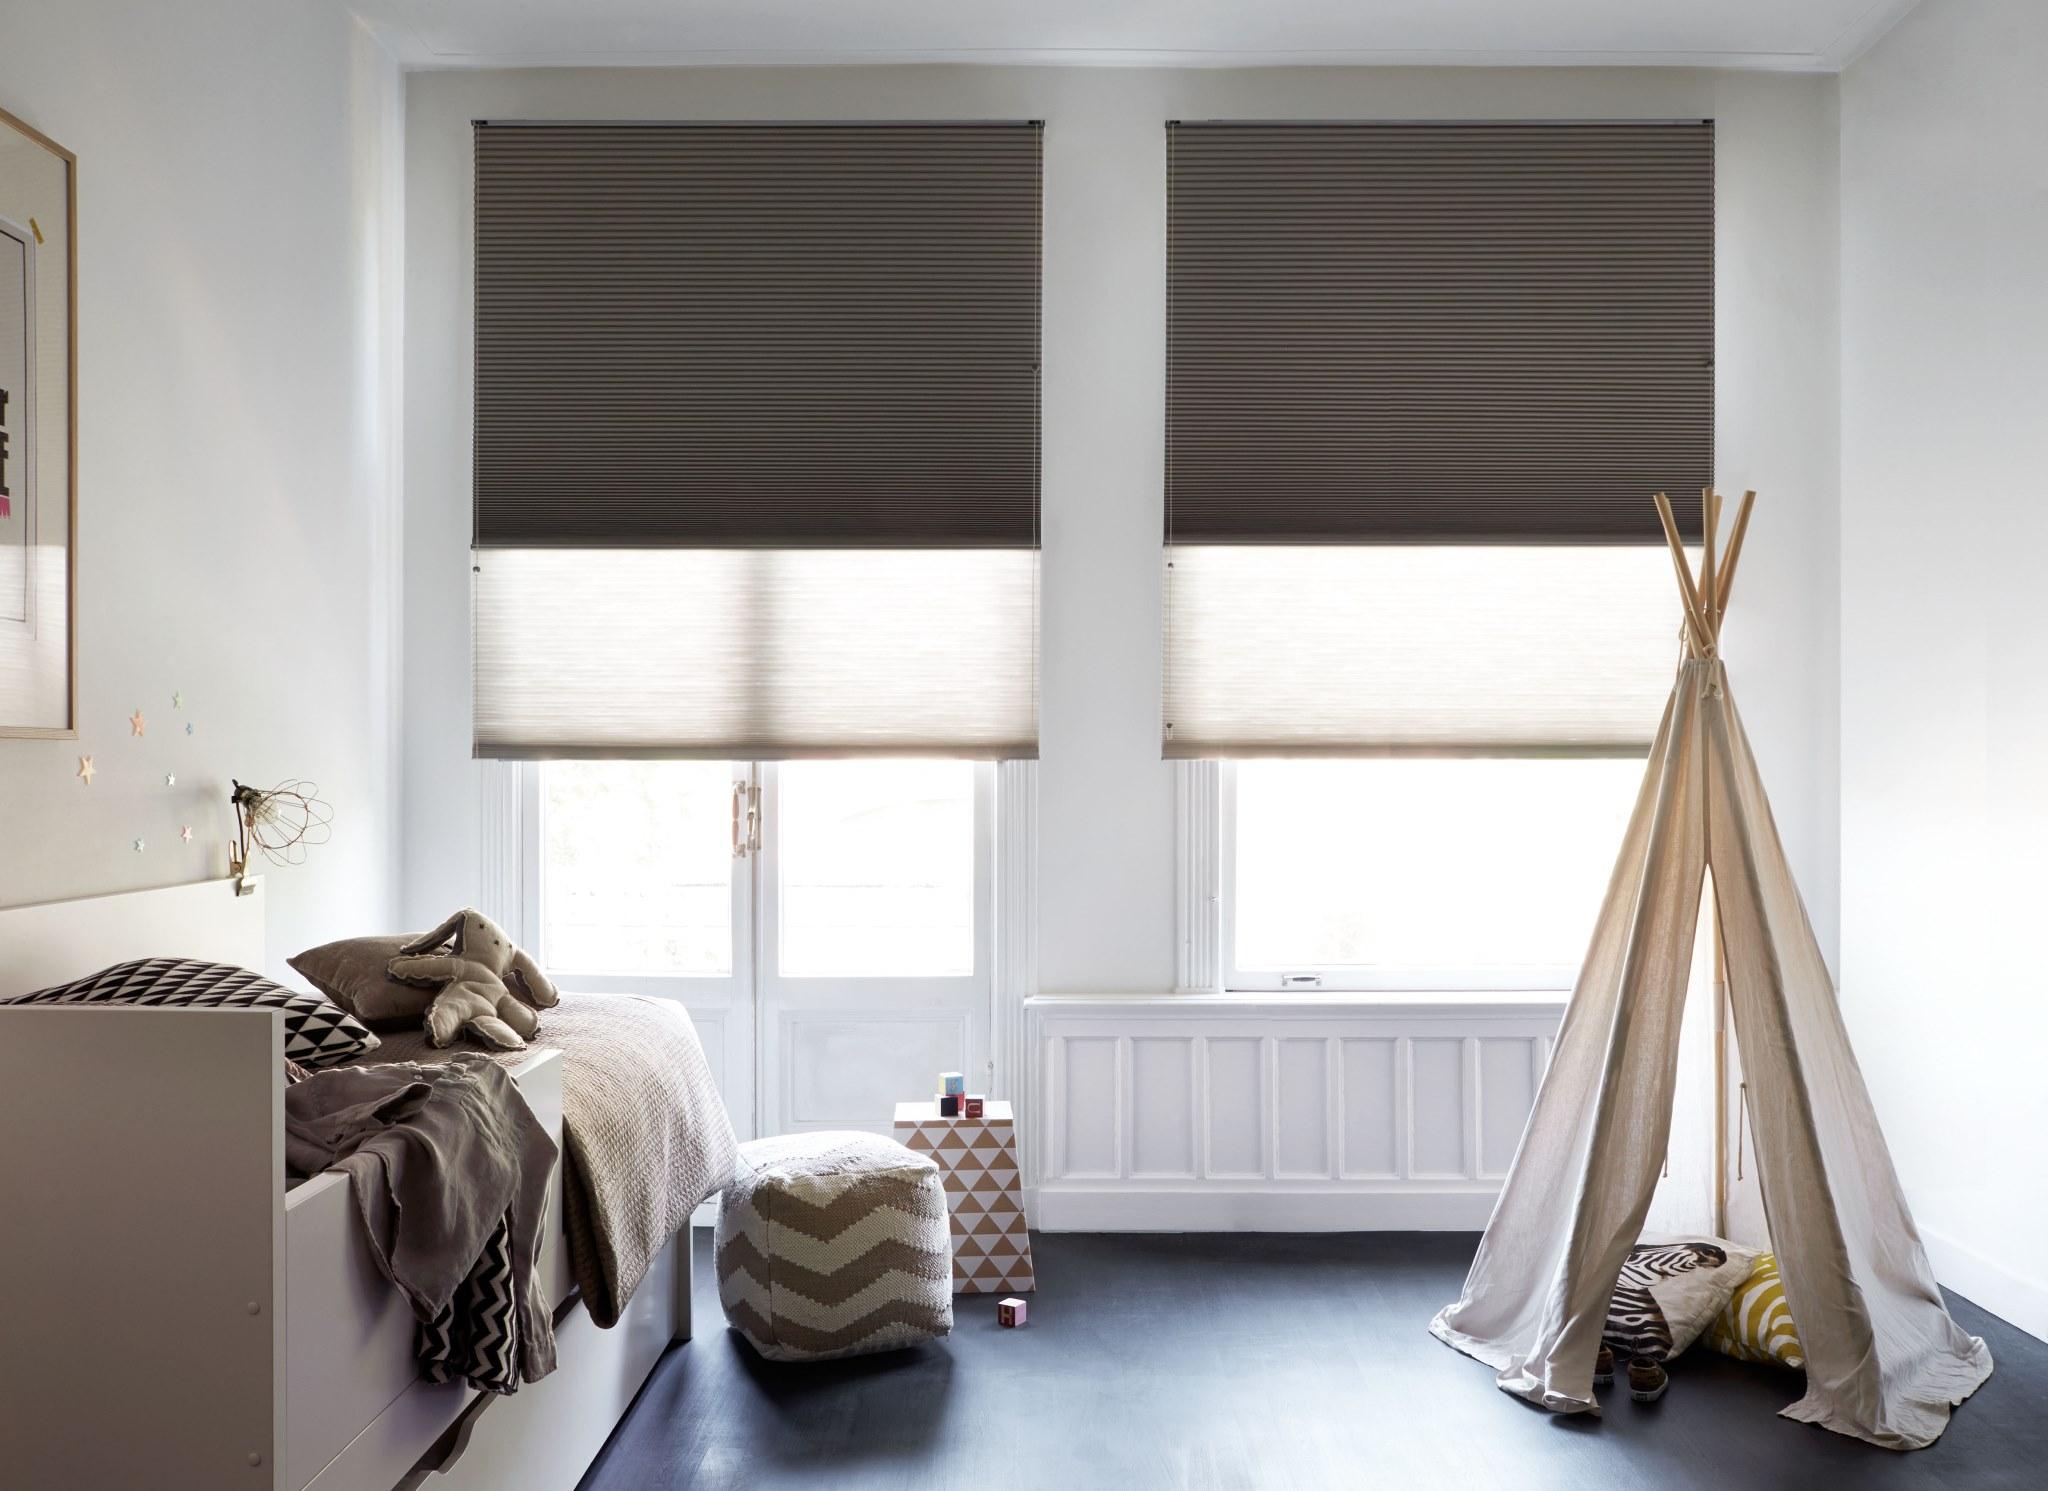 Raamdecoratie www.delente.be